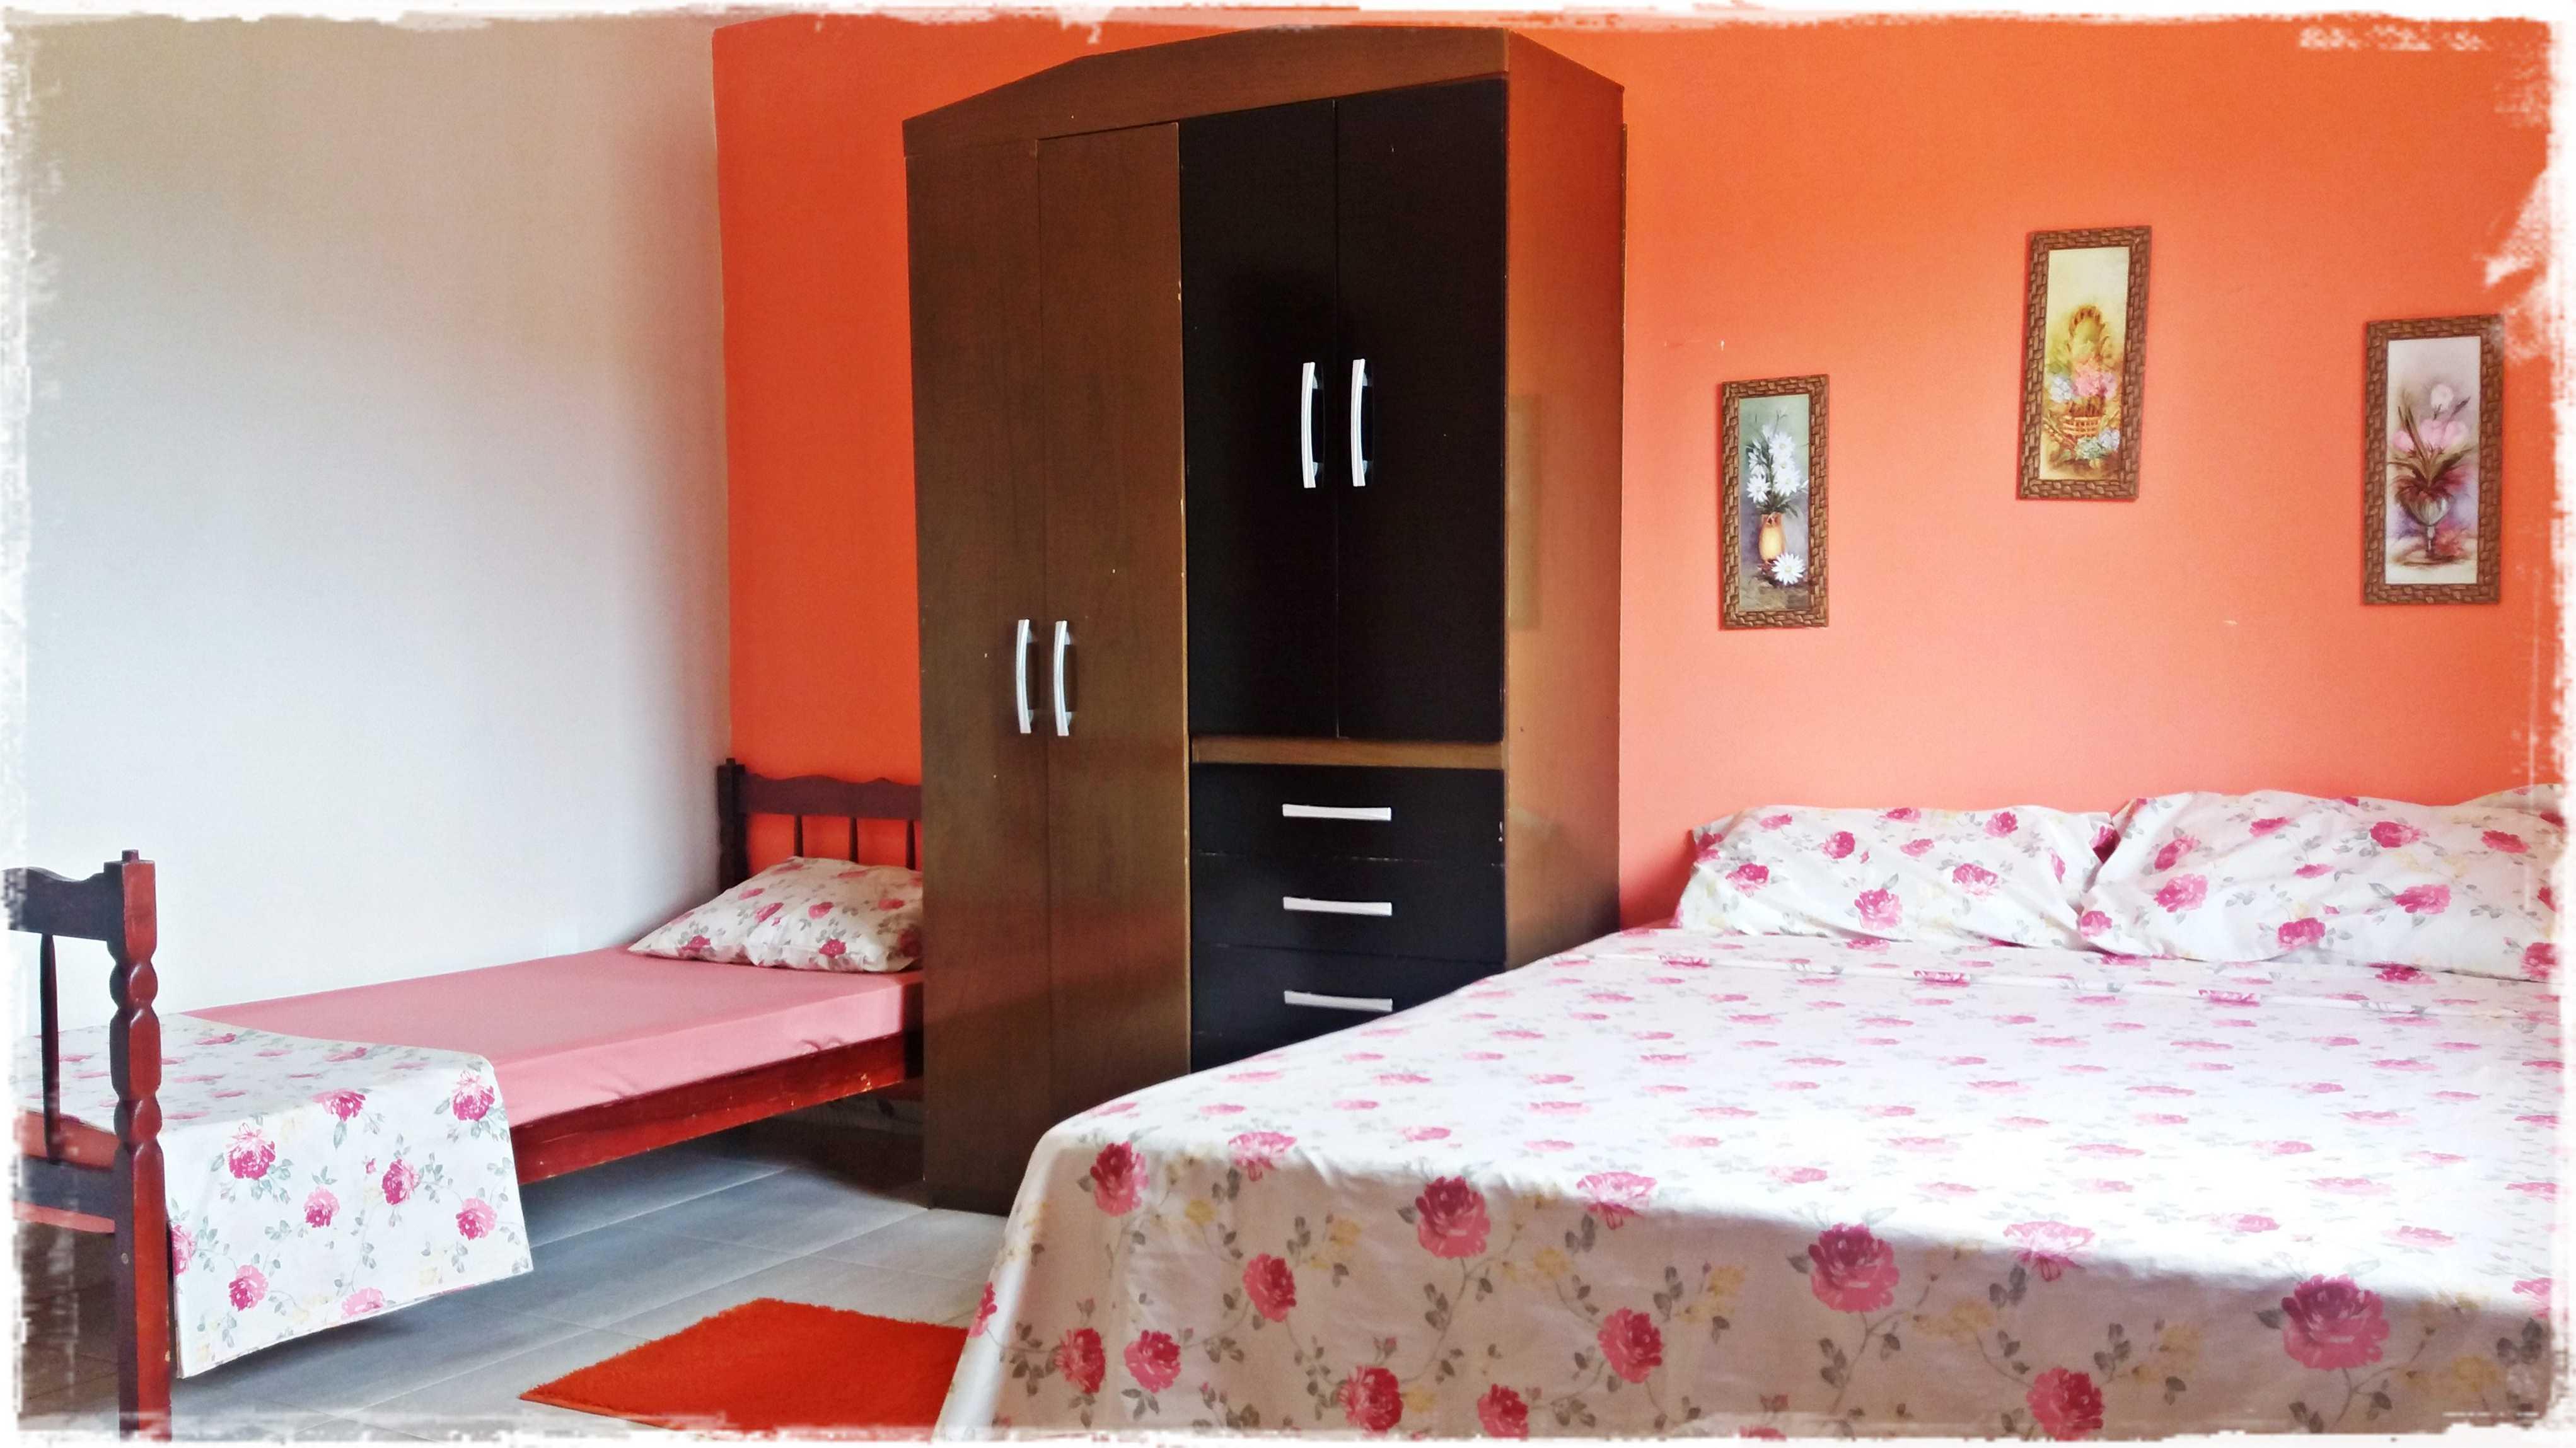 Apt de 02 Qtos - Family Room